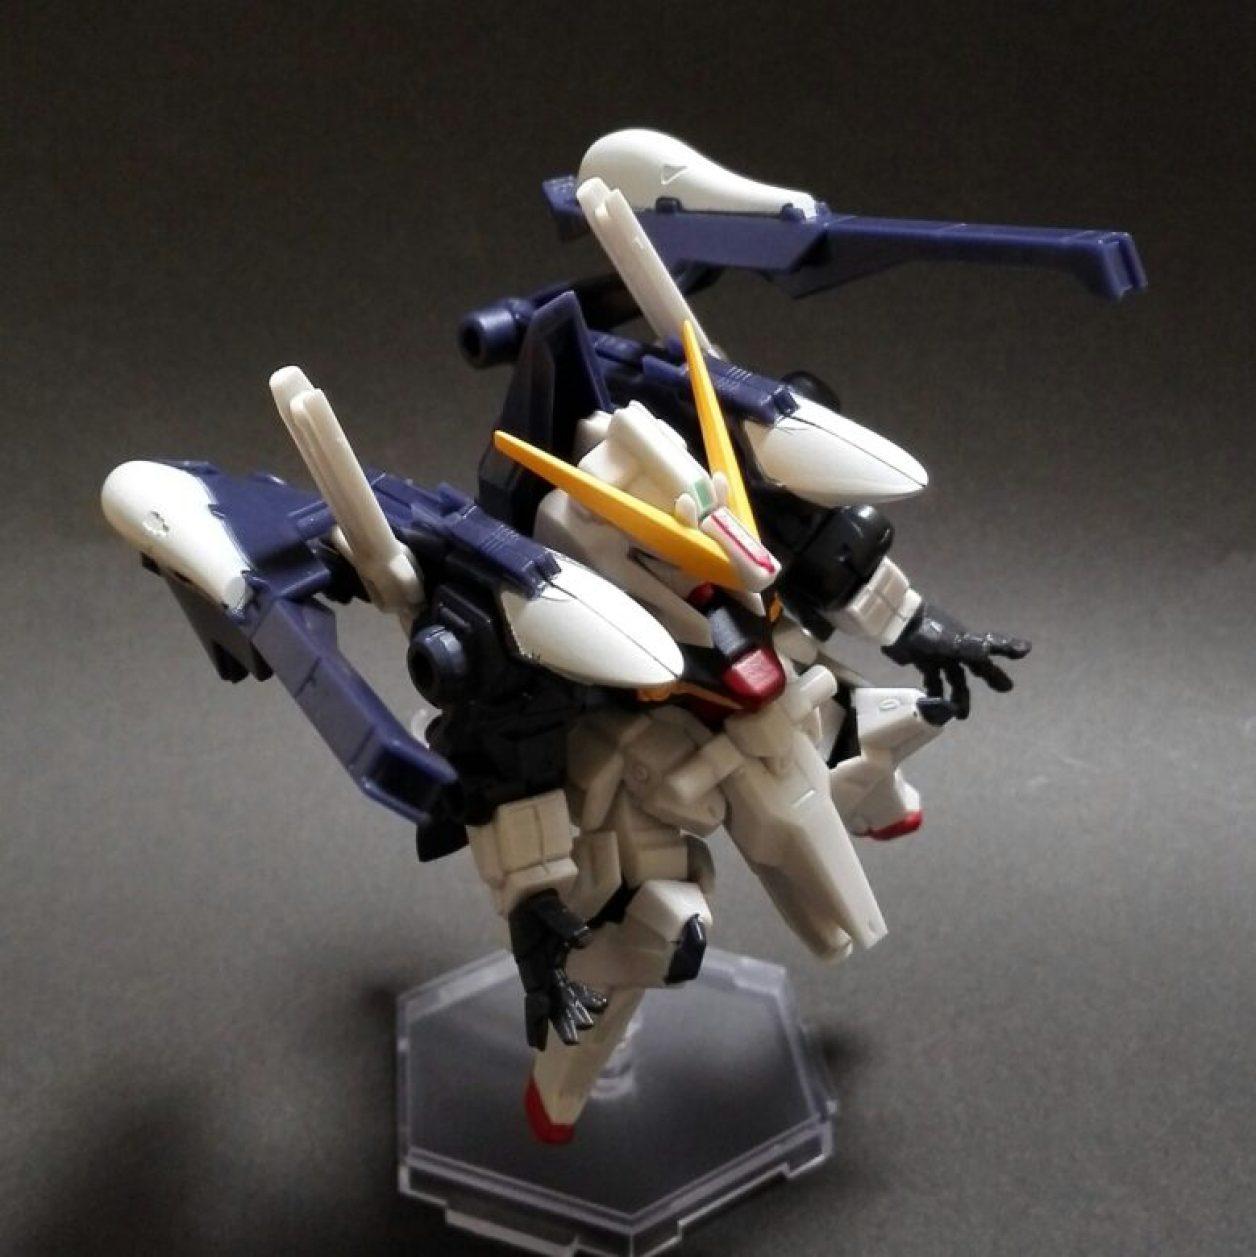 MOBILE SUIT ENSEMBLE 08弾のハイゼンスレイIIとフルドドIIと武器セットの組み合わせから作ったTR-6ハイゼンスレイII・ラーの画像